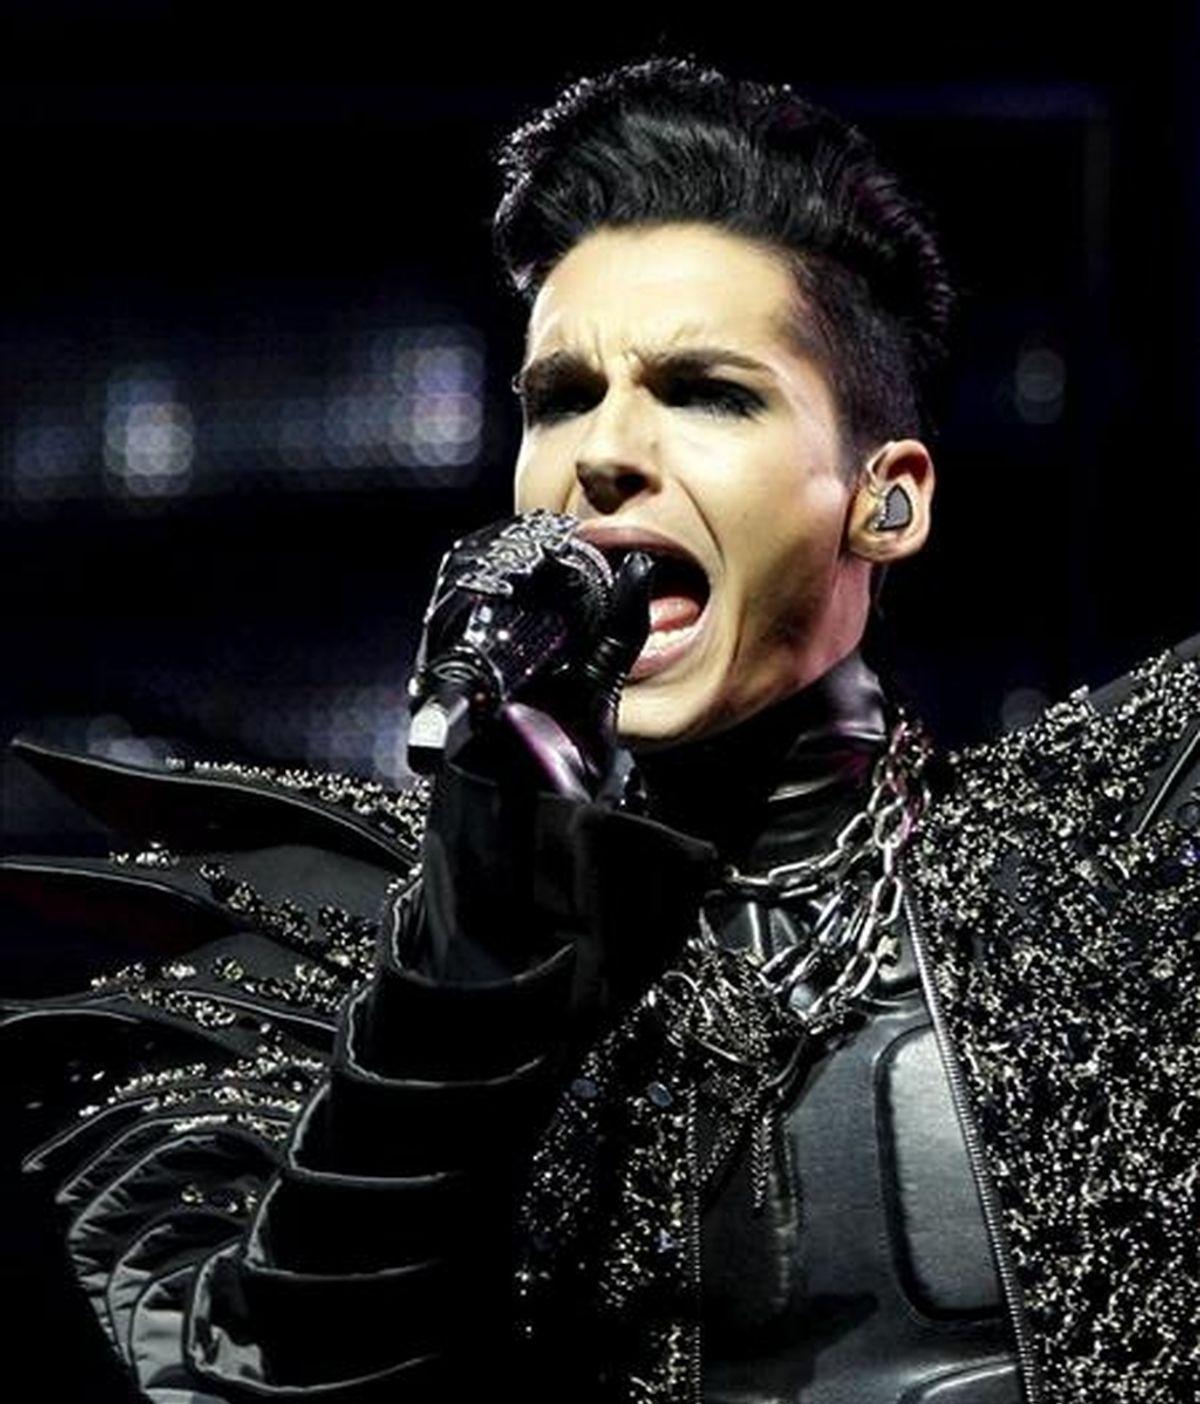 """Uno de los hermanos Kaulitx, el vocalista del grupo alemán Tokio Hotel, Bill Kaulitz, durante el concierto ofrecido en Madrid, dentro de la gira """"Humanoid"""". EFE/Archivo"""